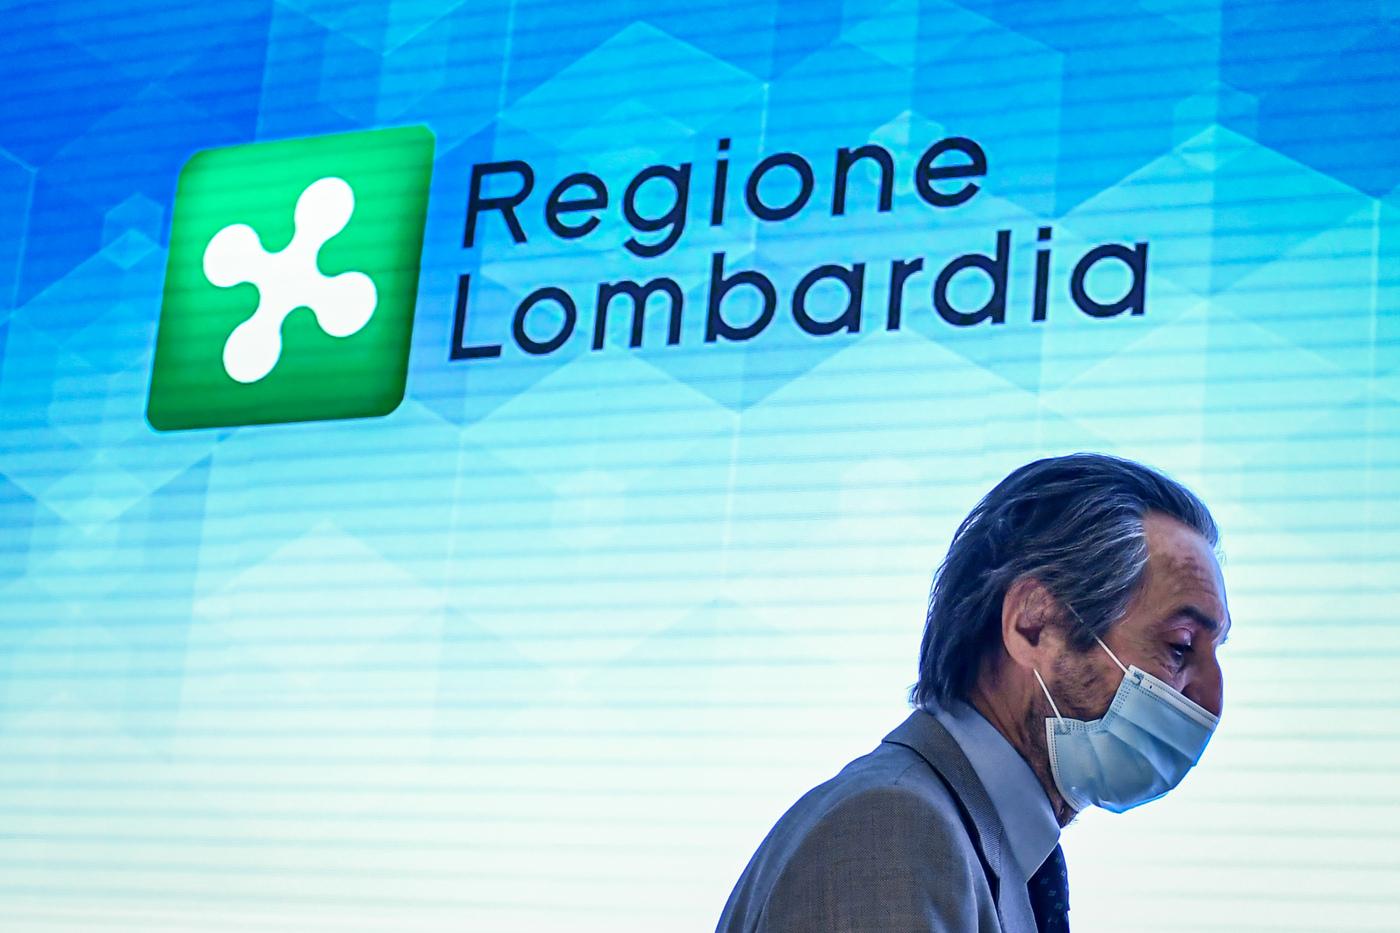 Conferenza del Presidente Regione Lombardia Attilio Fontana su rimpasto giunta regionale